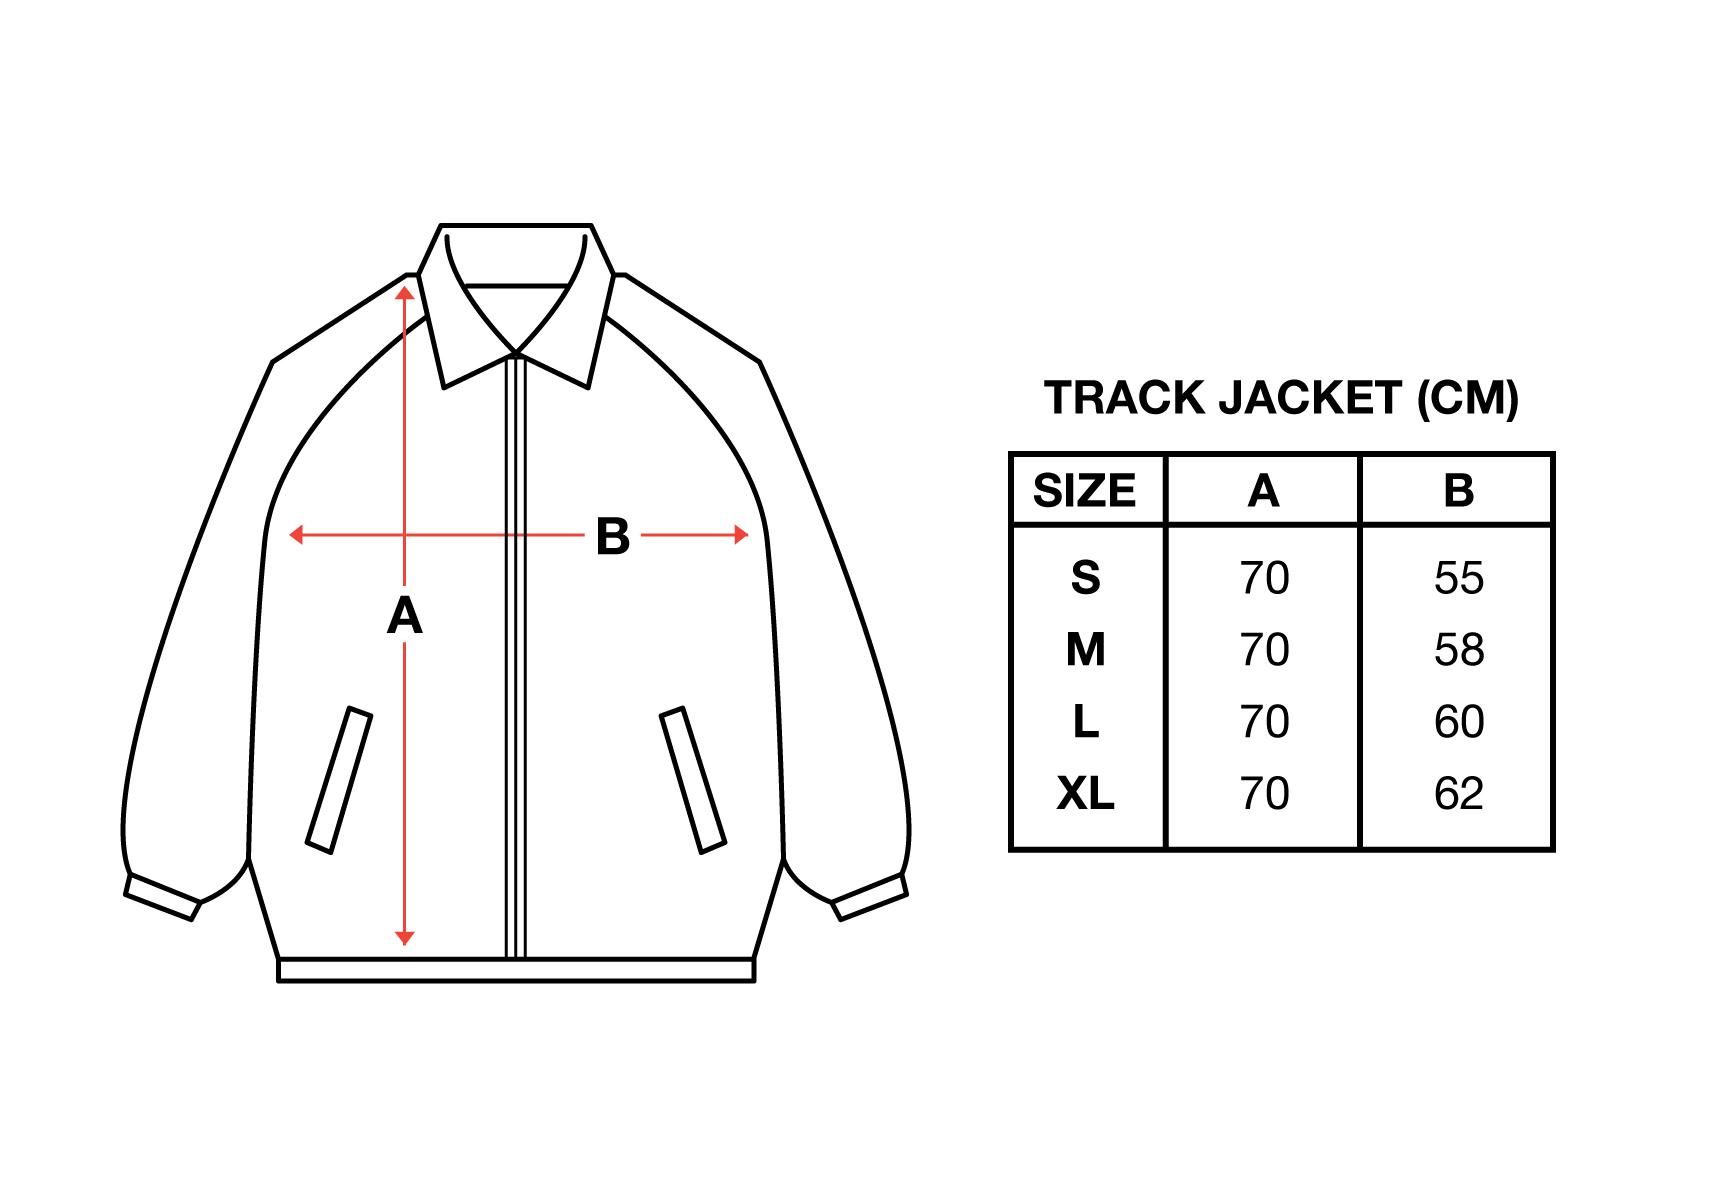 Trak Jacket